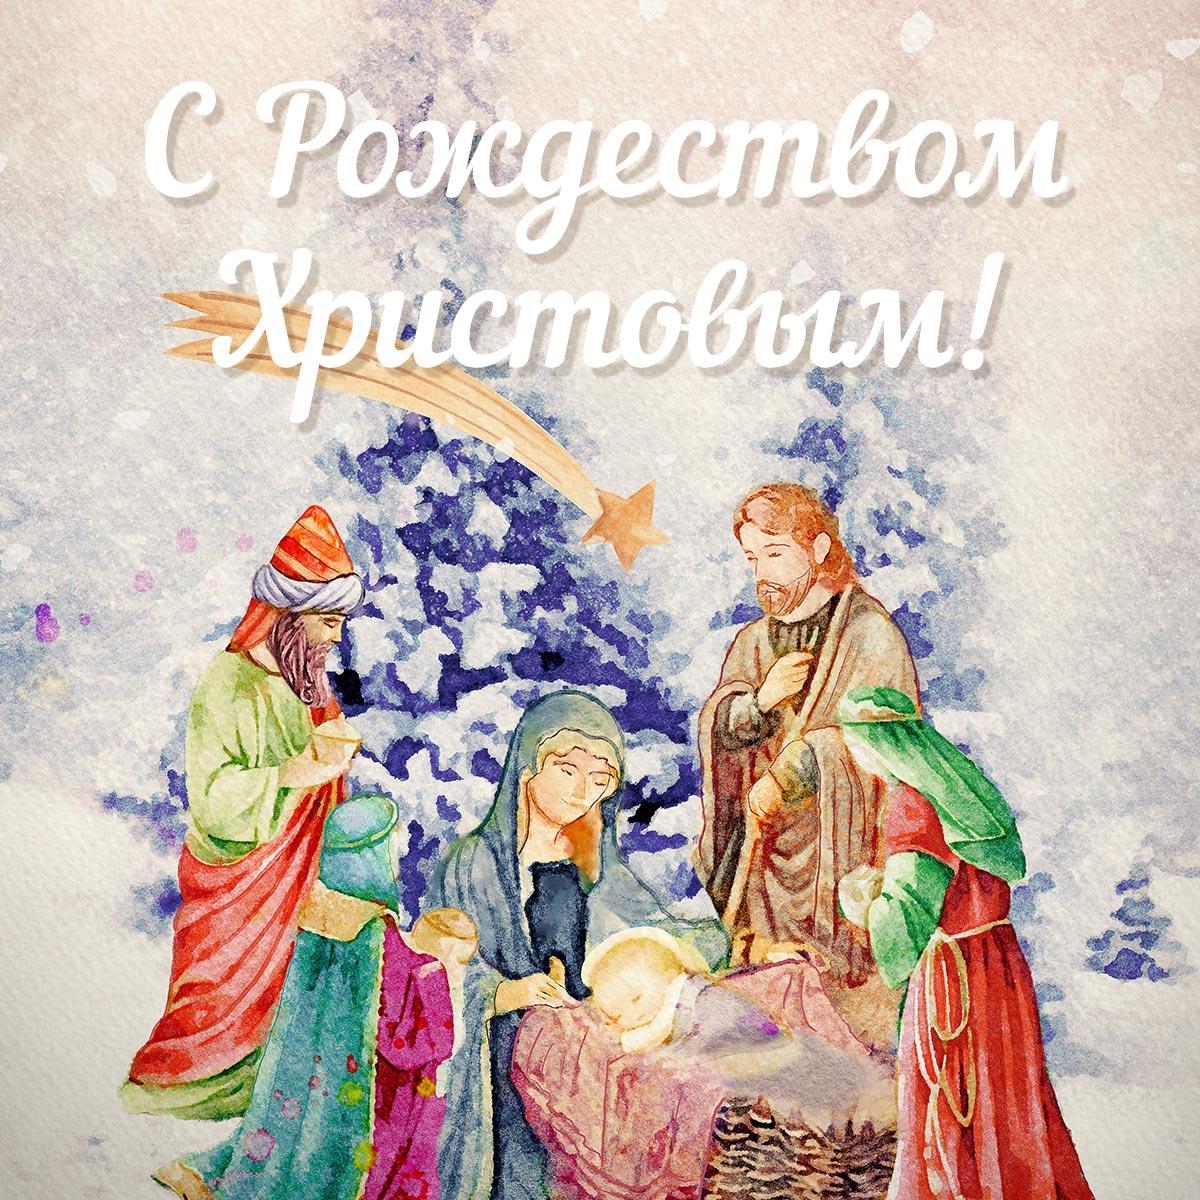 Картинка рождество для детей с падением вифлеемской звезды перед волхвами и младенцем в колыбели.